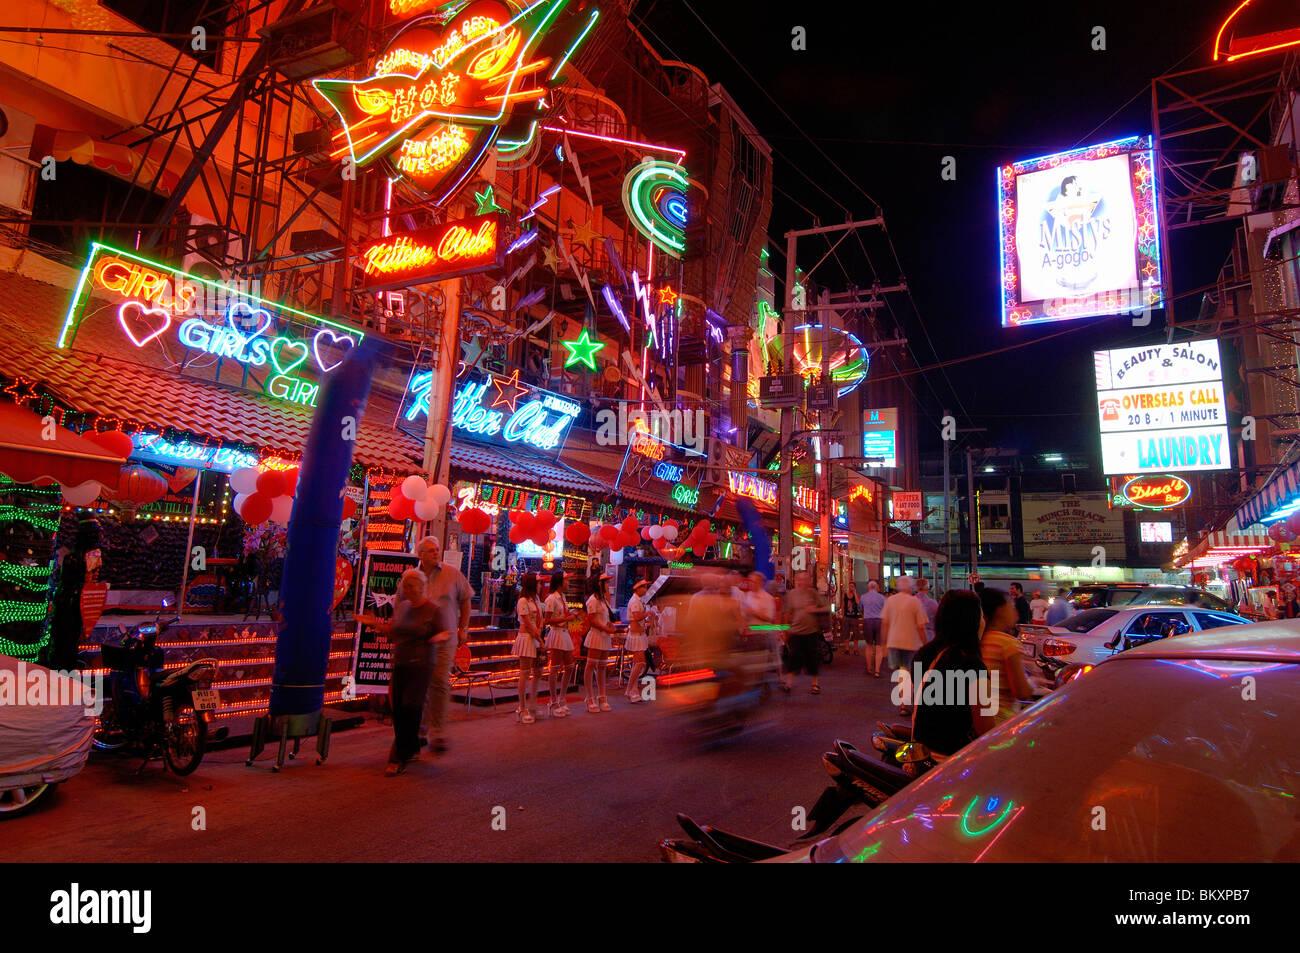 La vida nocturna de Pattaya Street ; Pattaya Tailandia ; el Sudeste Asiático Foto de stock